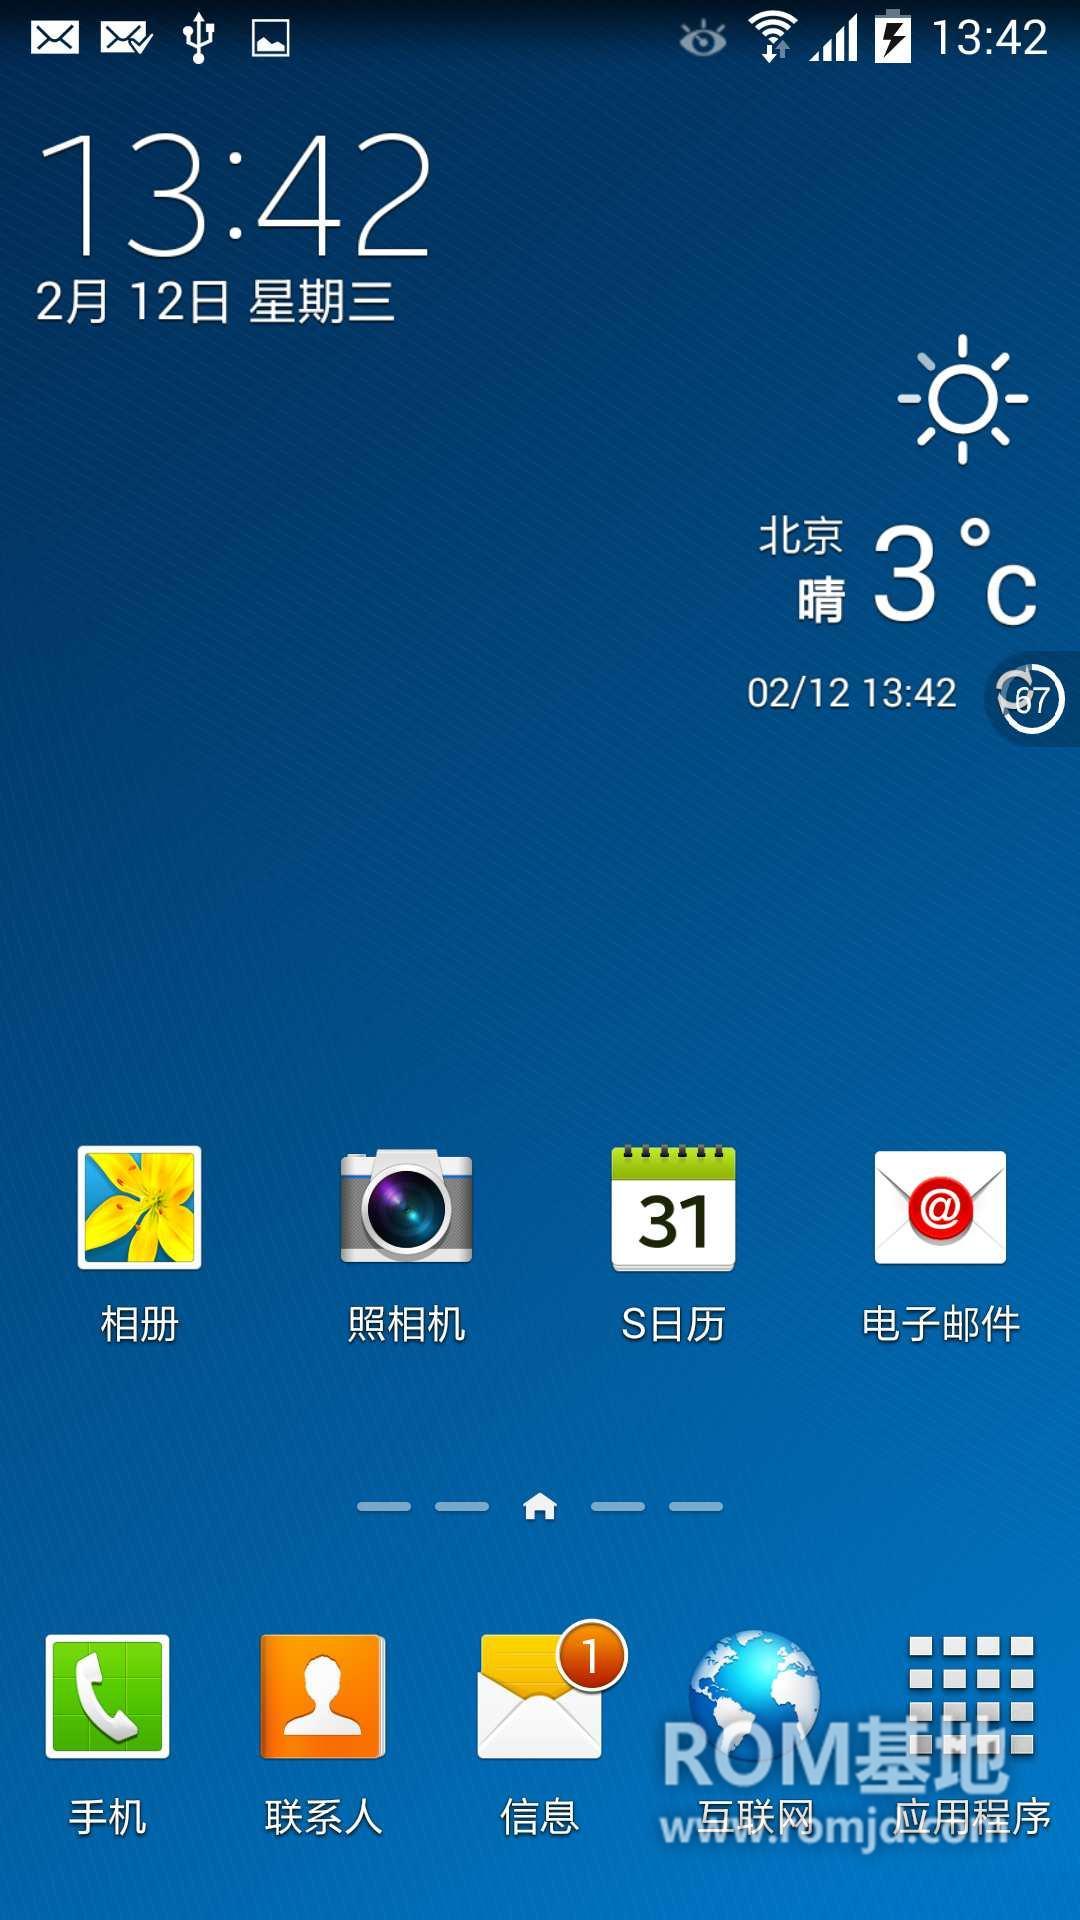 绿化纯净 三星 N900 刷机包 rom  TF4.1 稳定 流畅 纯净版刷机包ROM刷机包下载